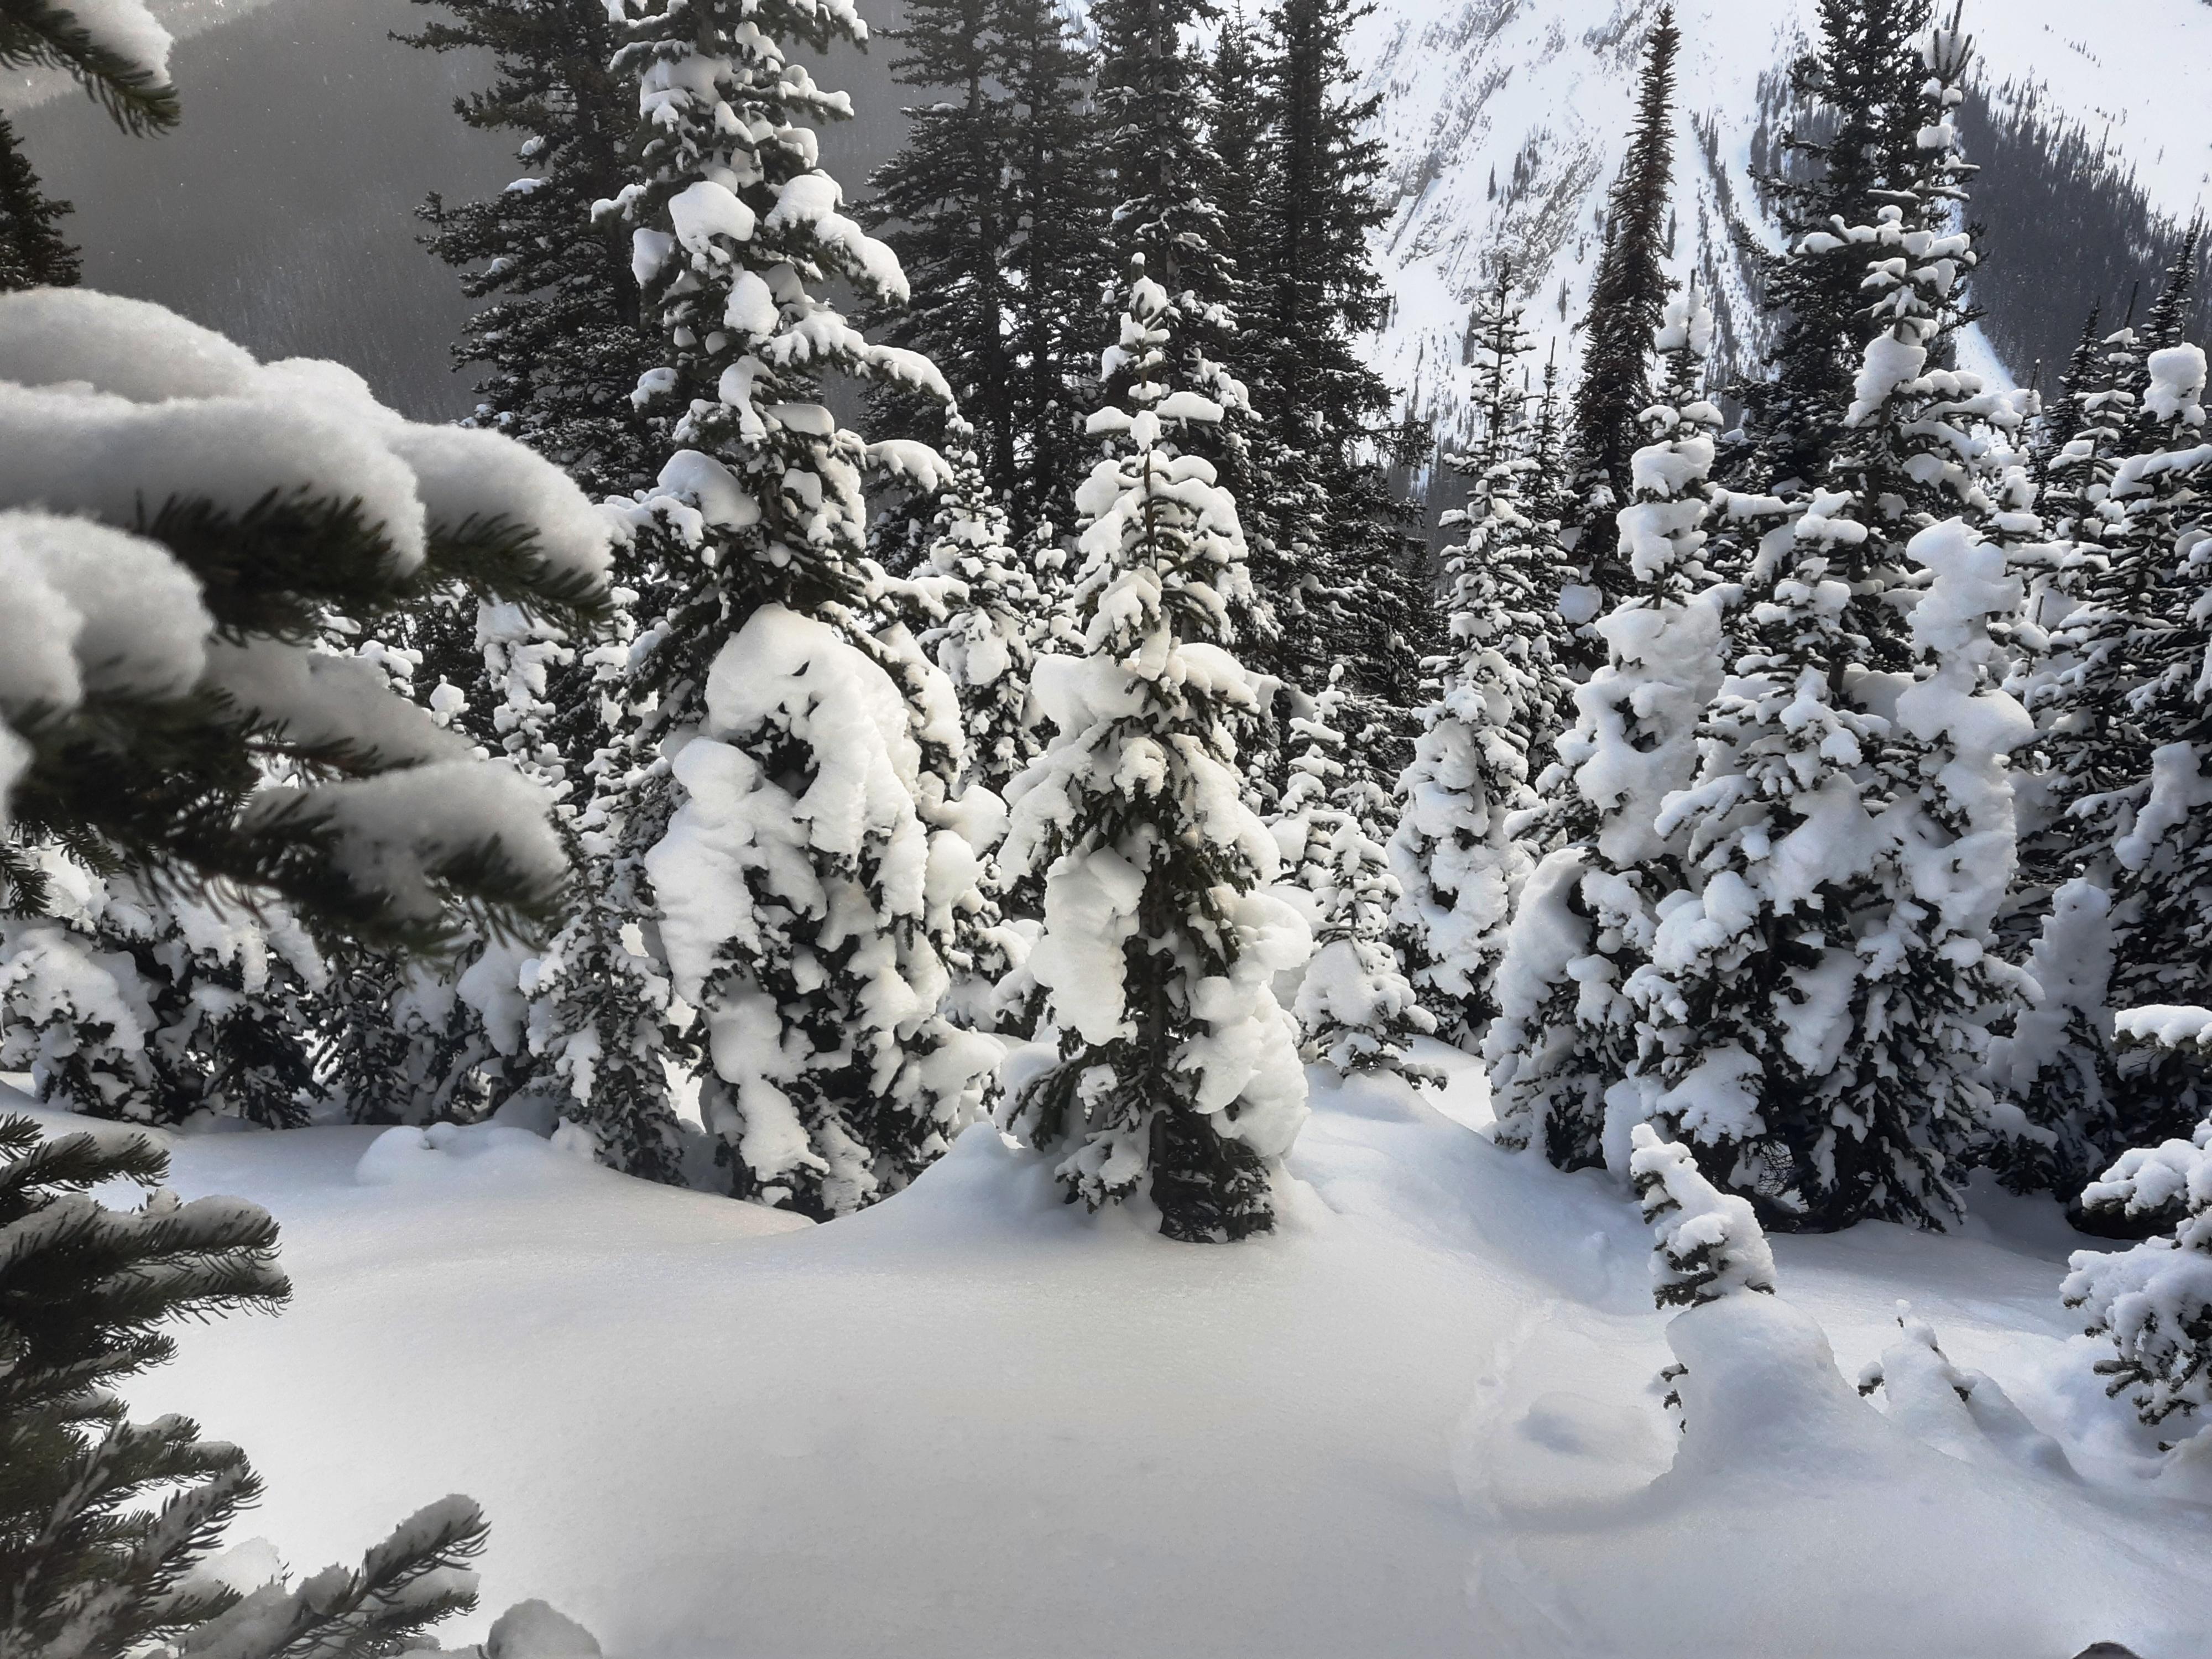 14-Beautiful-deep-snow-to-crash-down-through